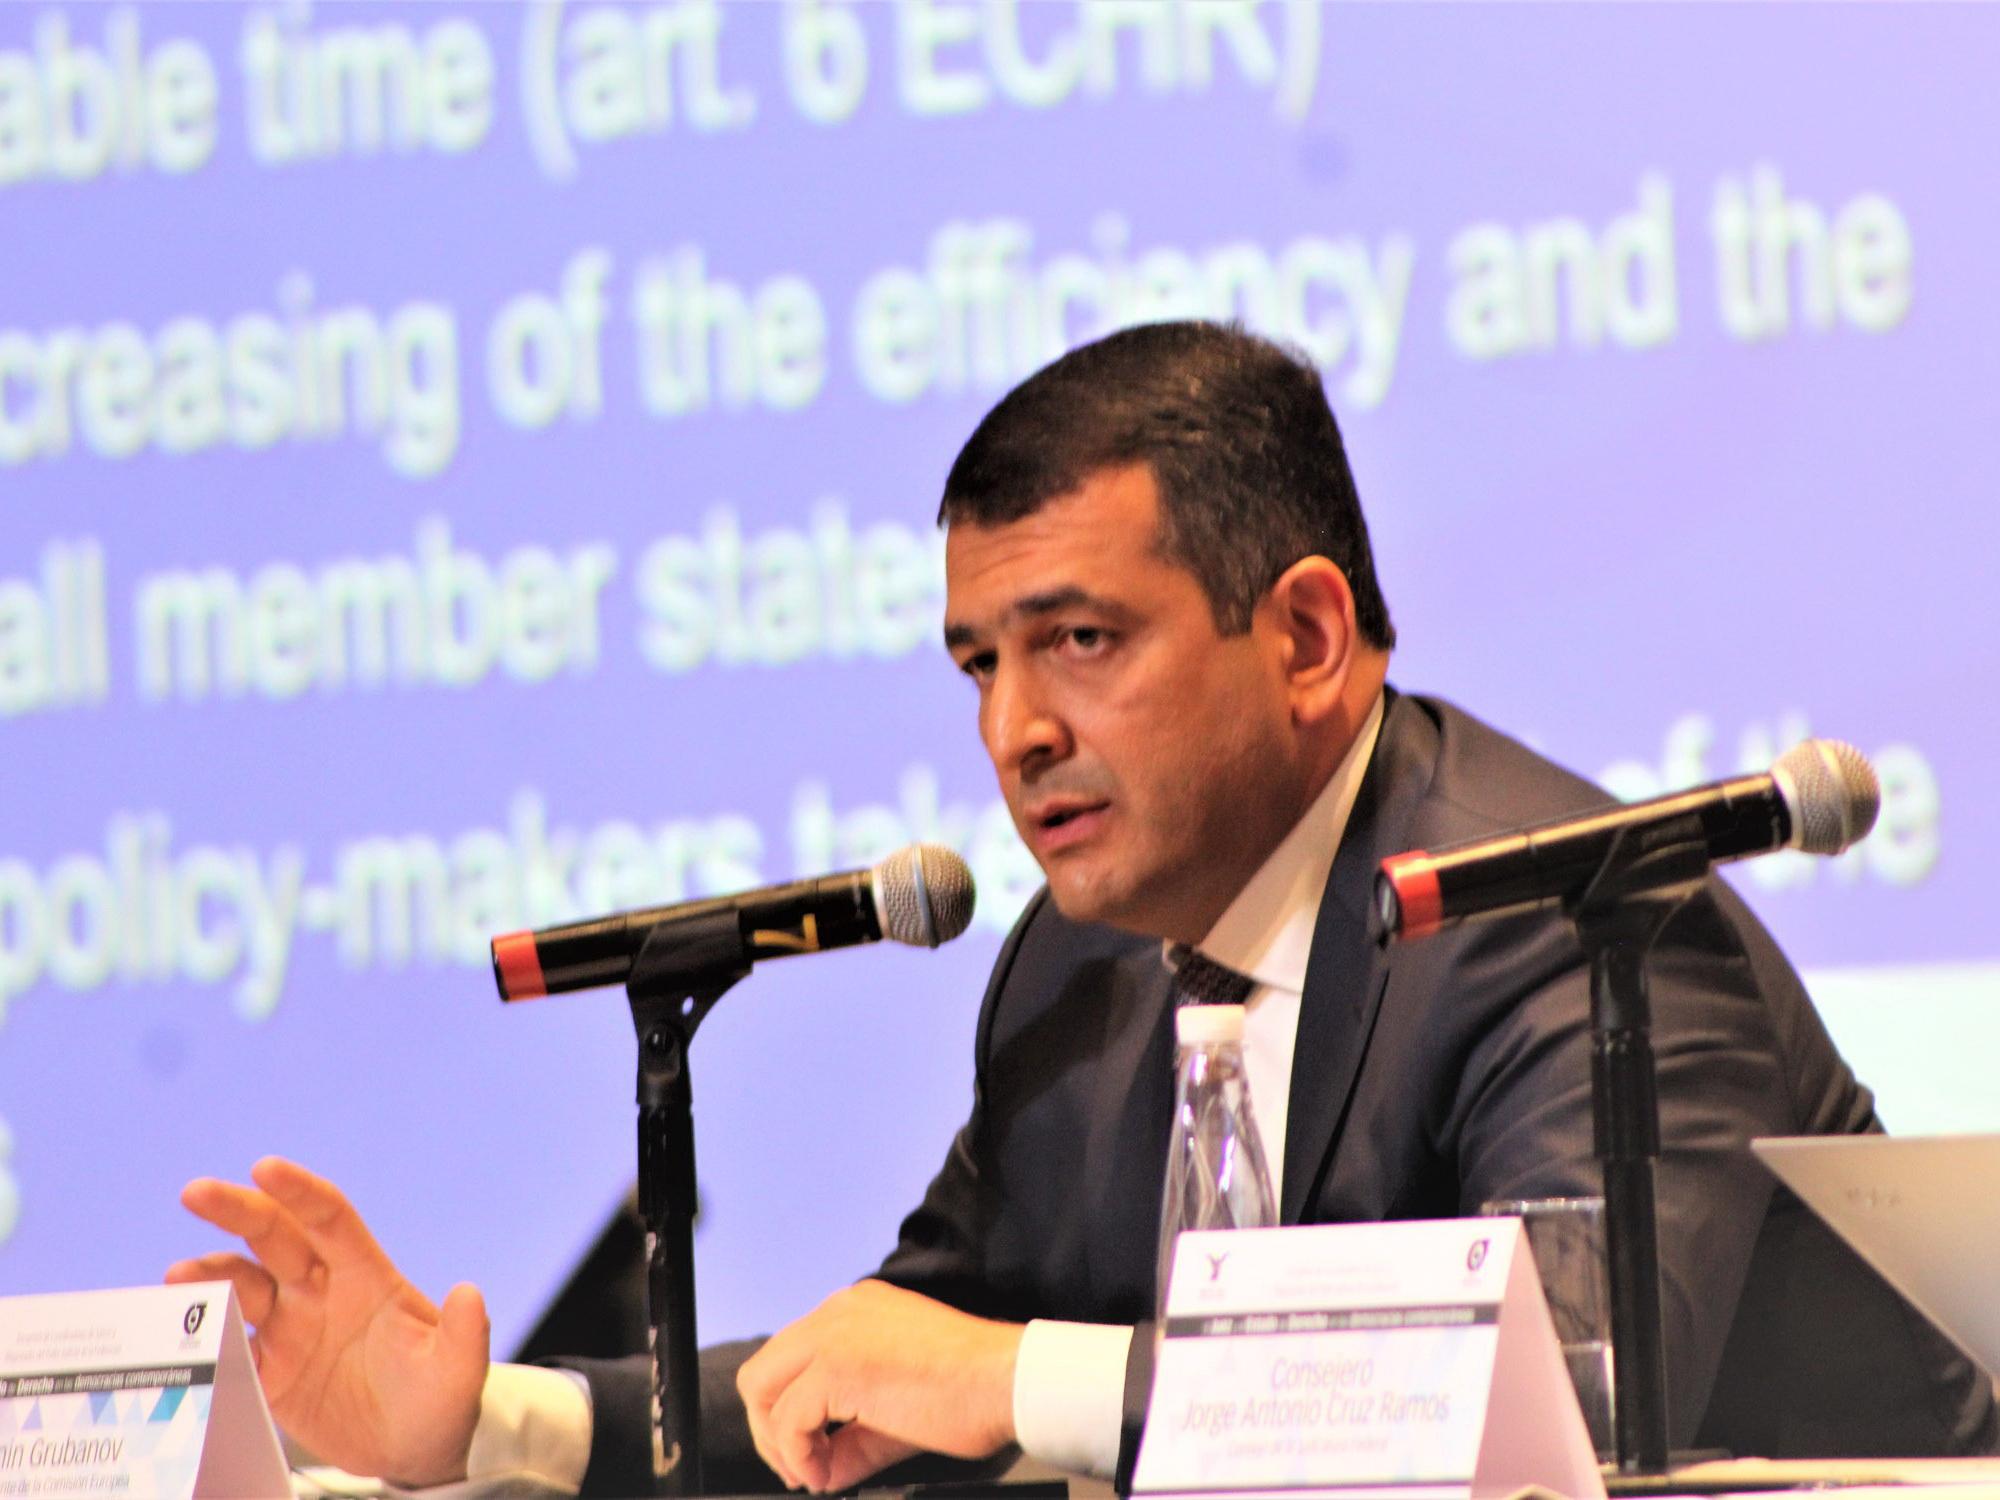 Рамин Гурбанов выбран президентом Европейской комиссии по эффективности правосудия Совета Европы – ФОТО